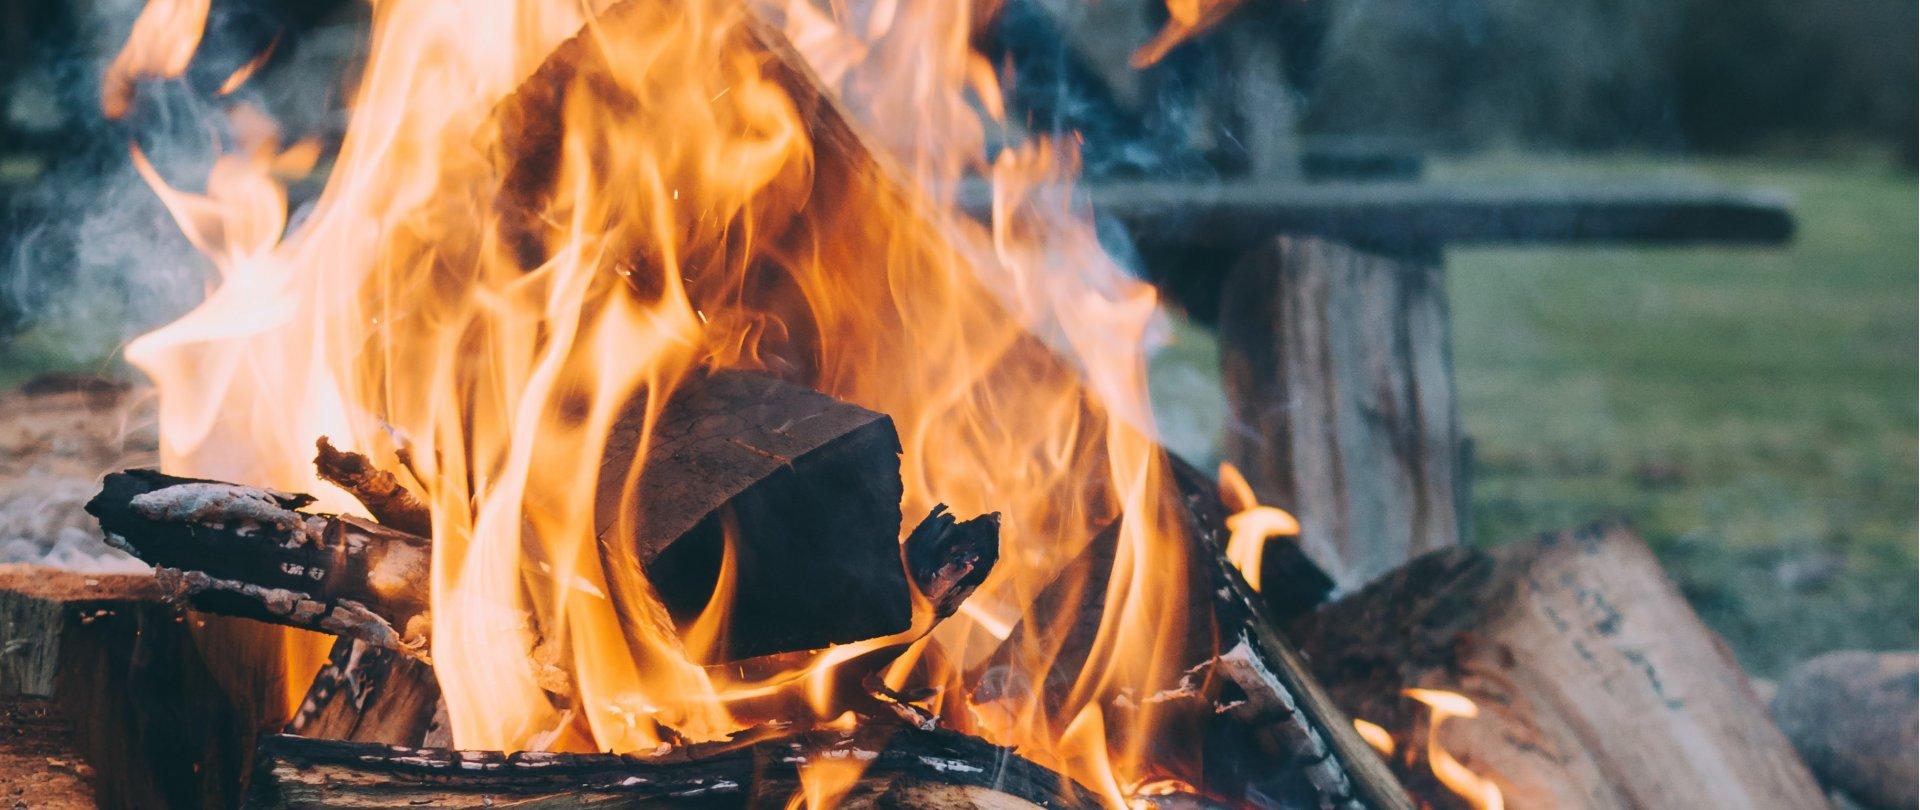 Ciepło, cieplej, gorąco... przy ognisku w Jakubusie